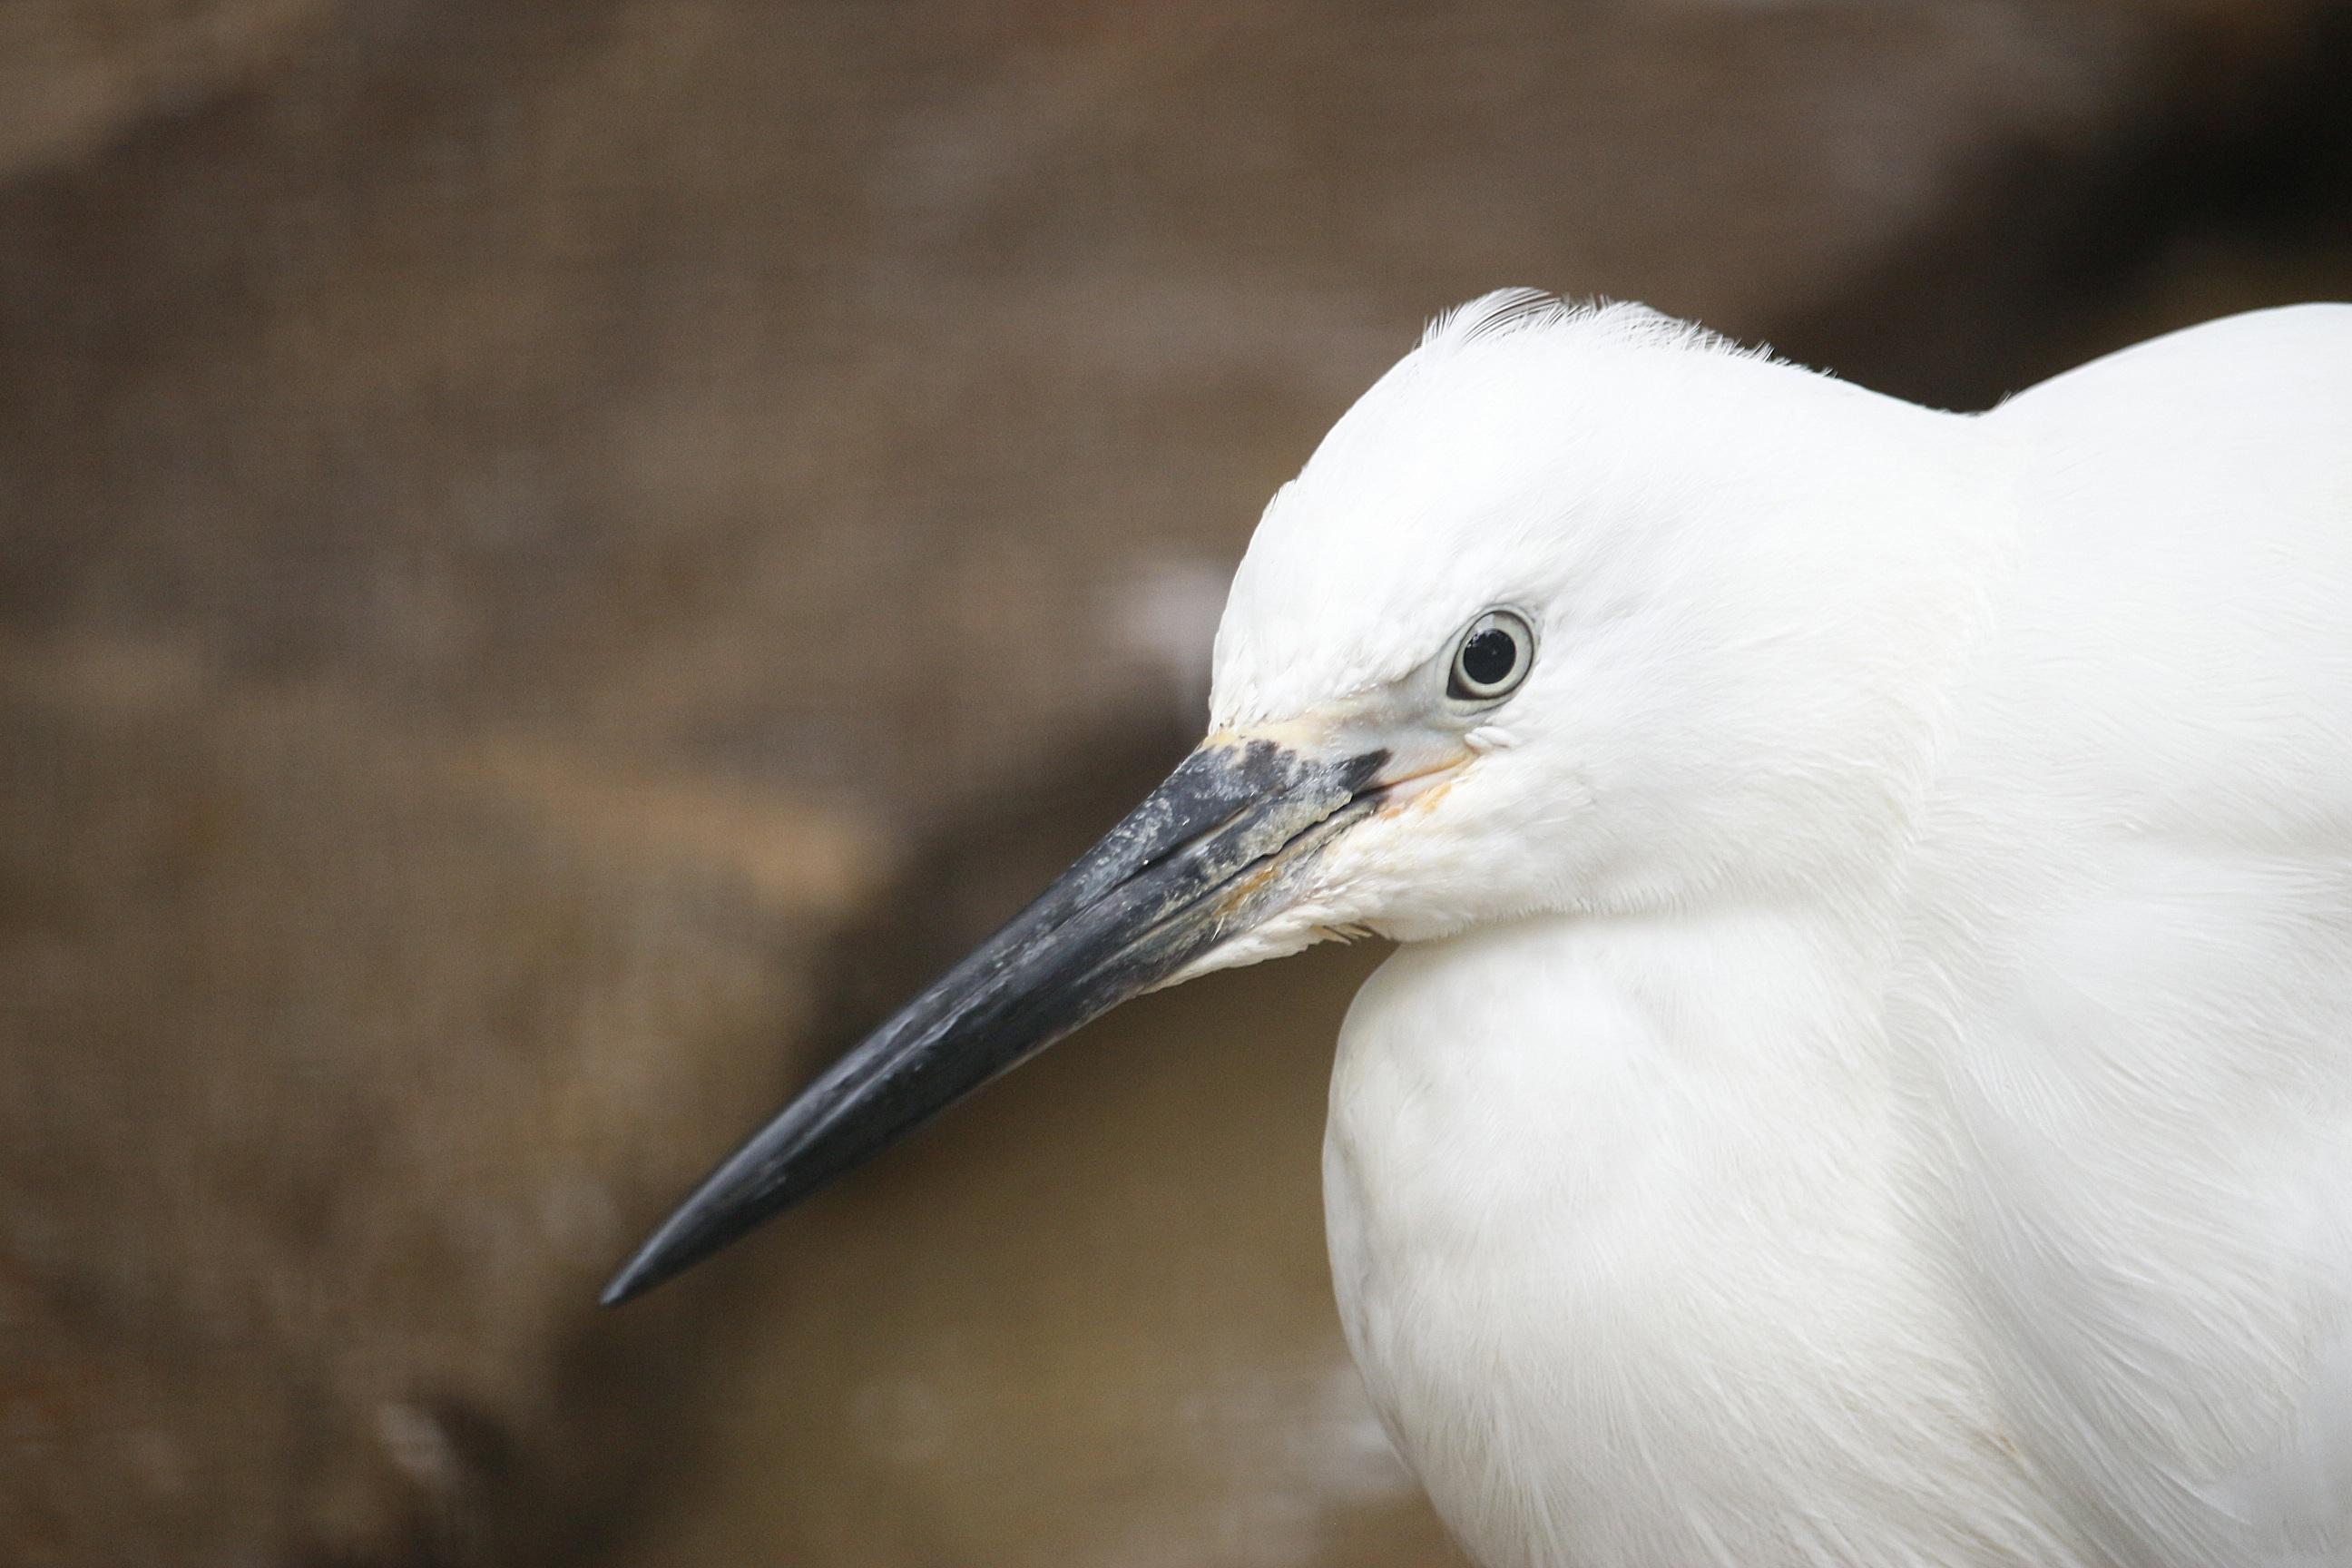 Gambar  alam, gurun, sayap, hitam dan putih, hewan, margasatwa ...